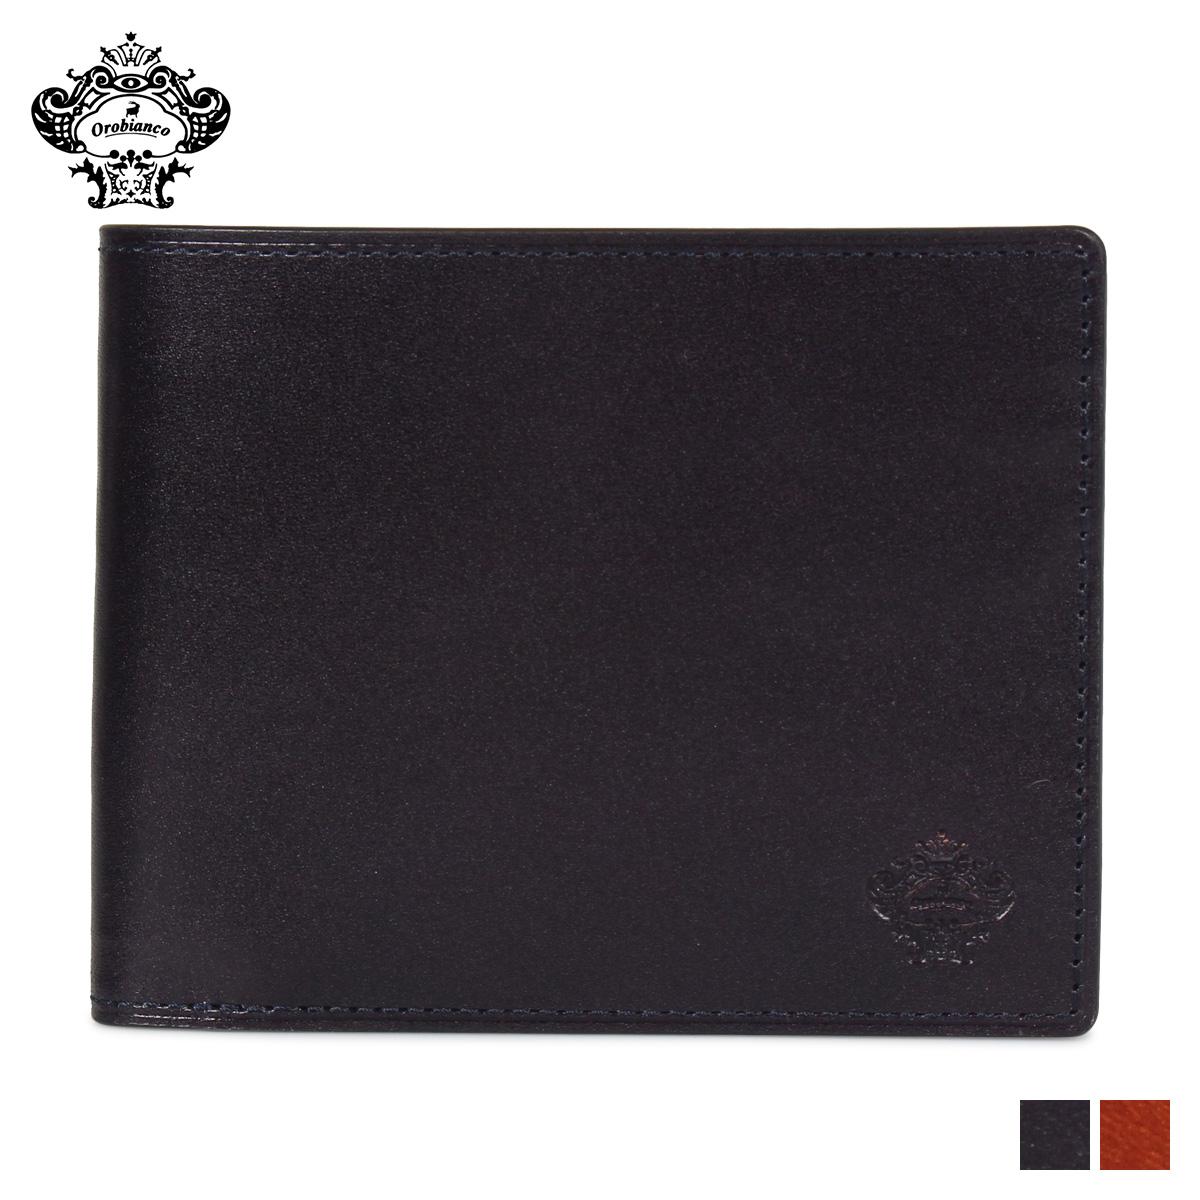 Orobianco オロビアンコ 財布 二つ折り メンズ 本革 BI-FOLD WALLET ブラック ブラウン 黒 ORS-012508